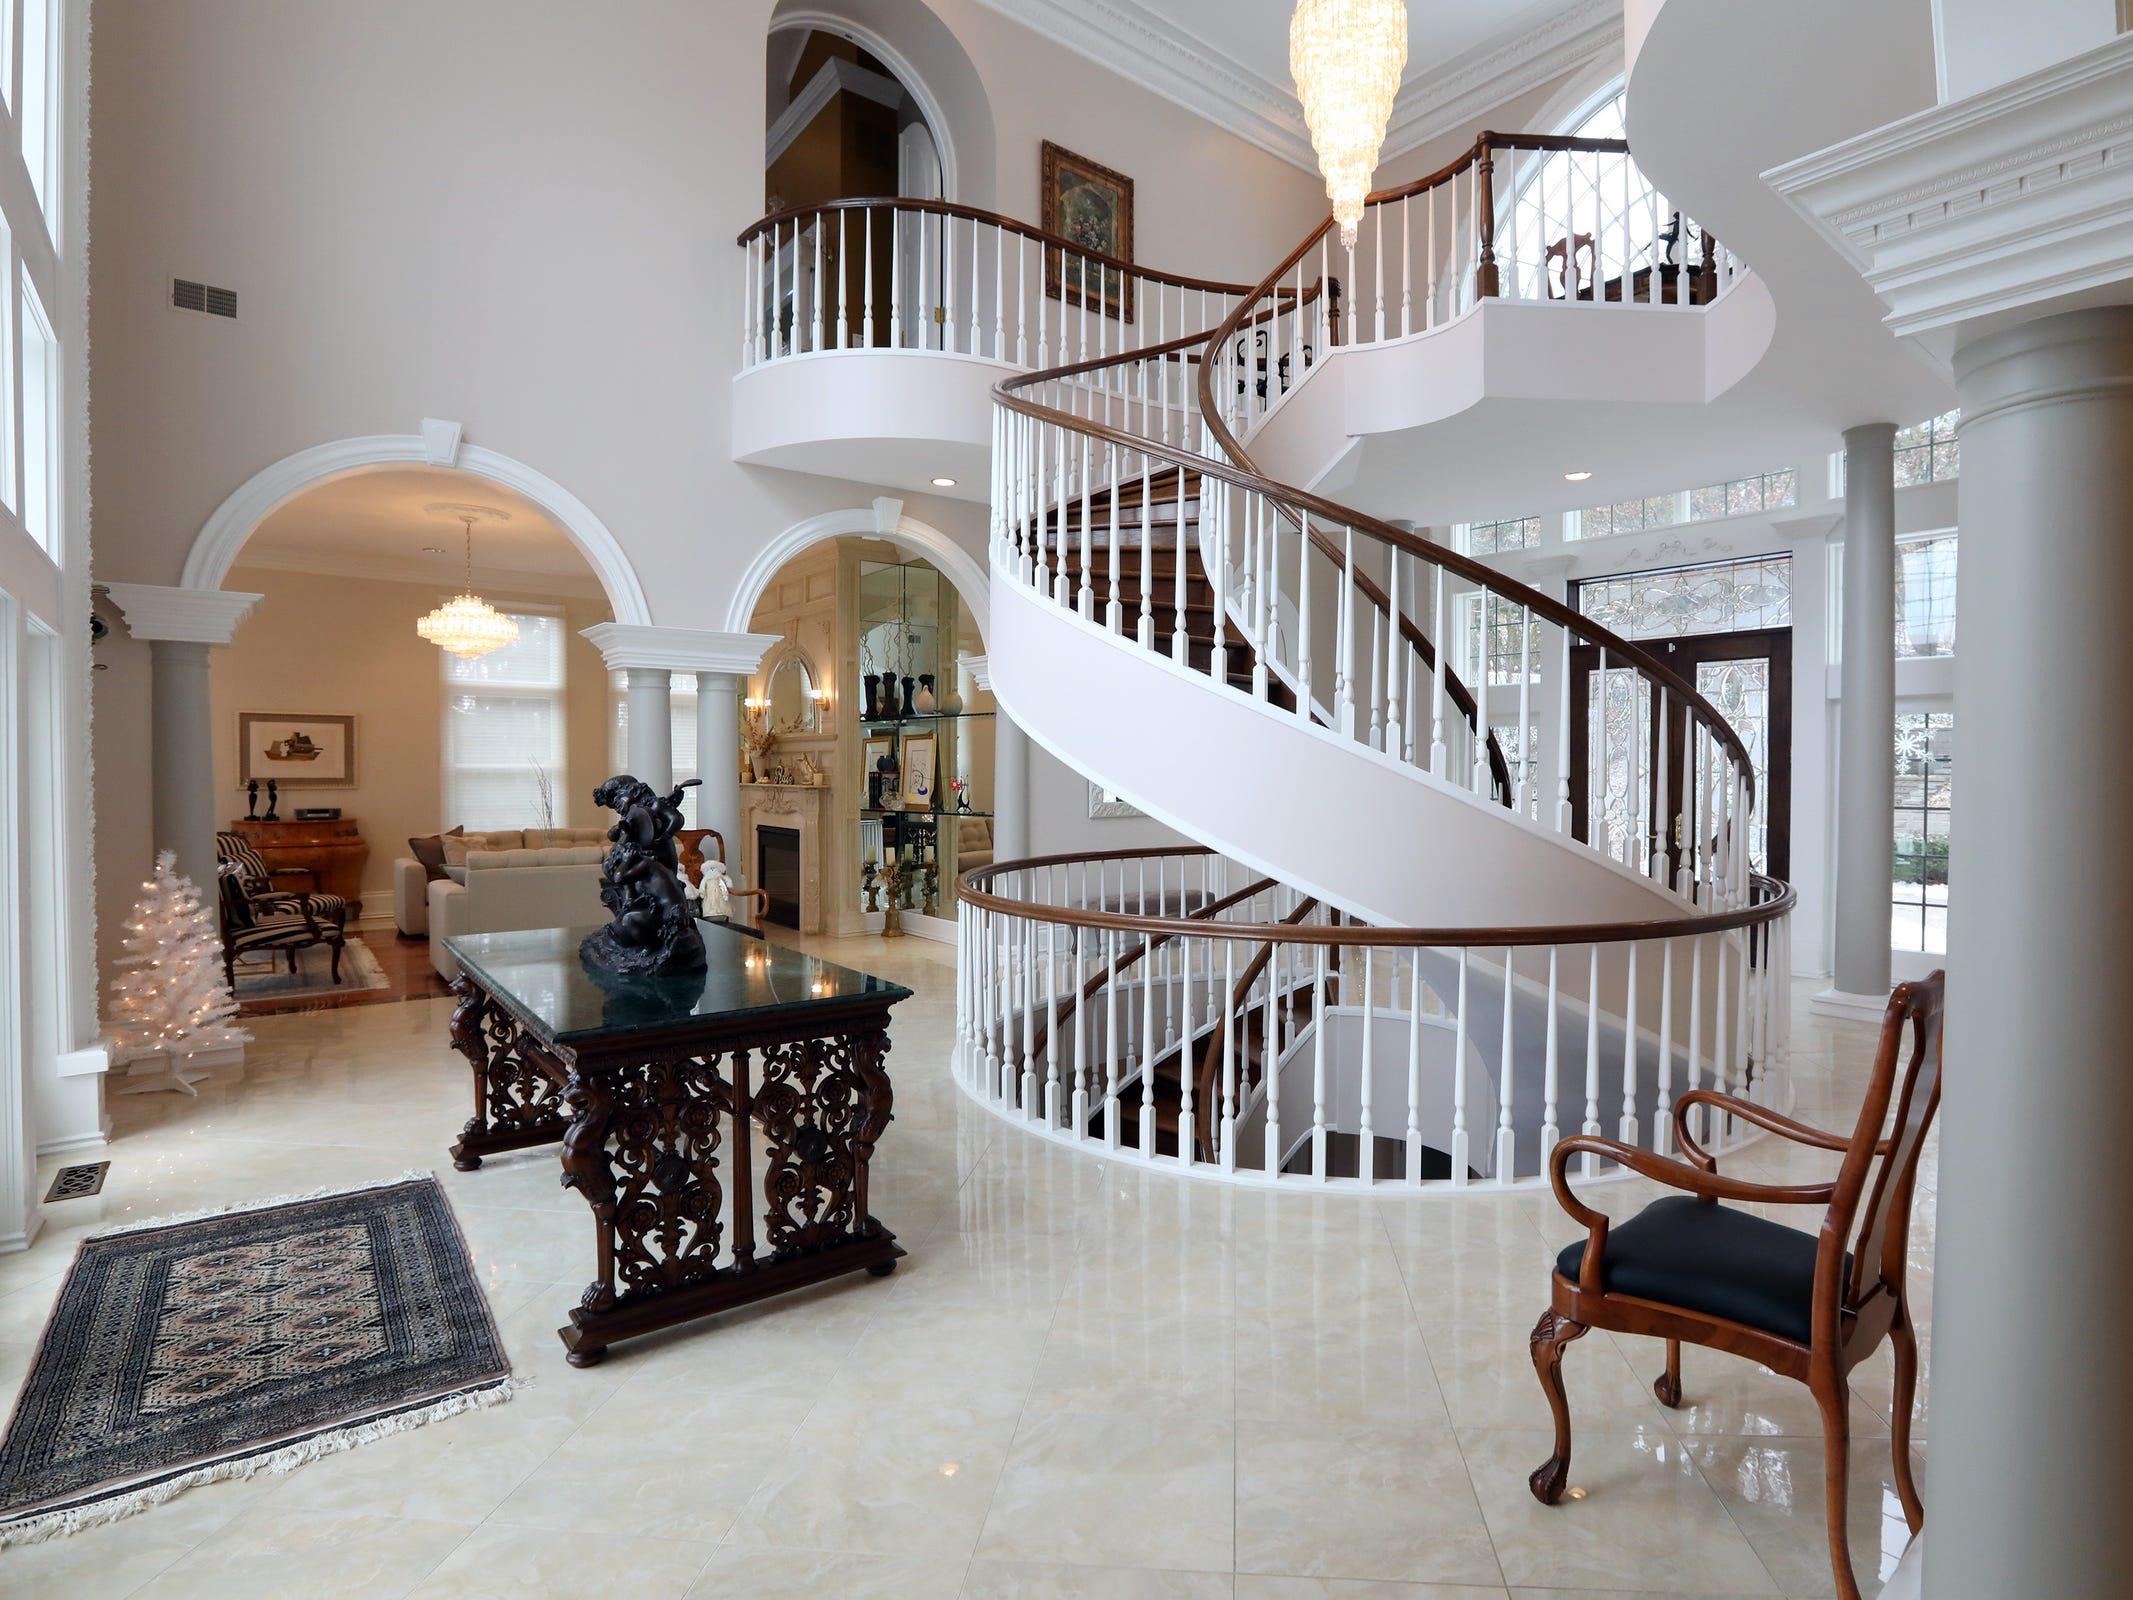 $1.5M Clarkston home has open floor plan, waterfalls, dock